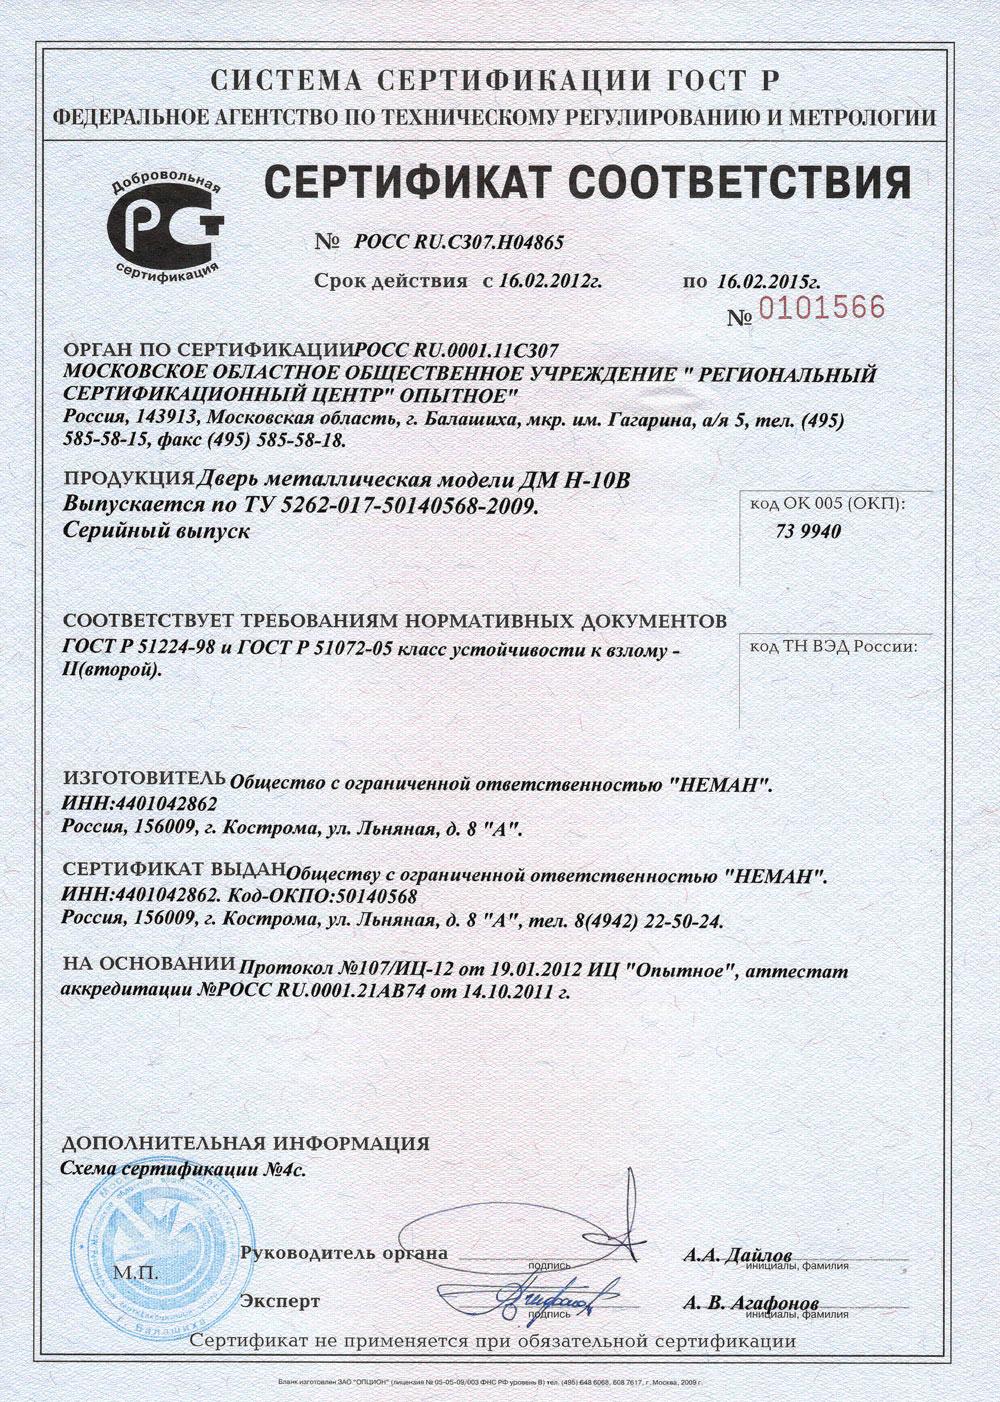 Сертификат на двери по гост 51224-98 сертификация iso 9001 в челябинске